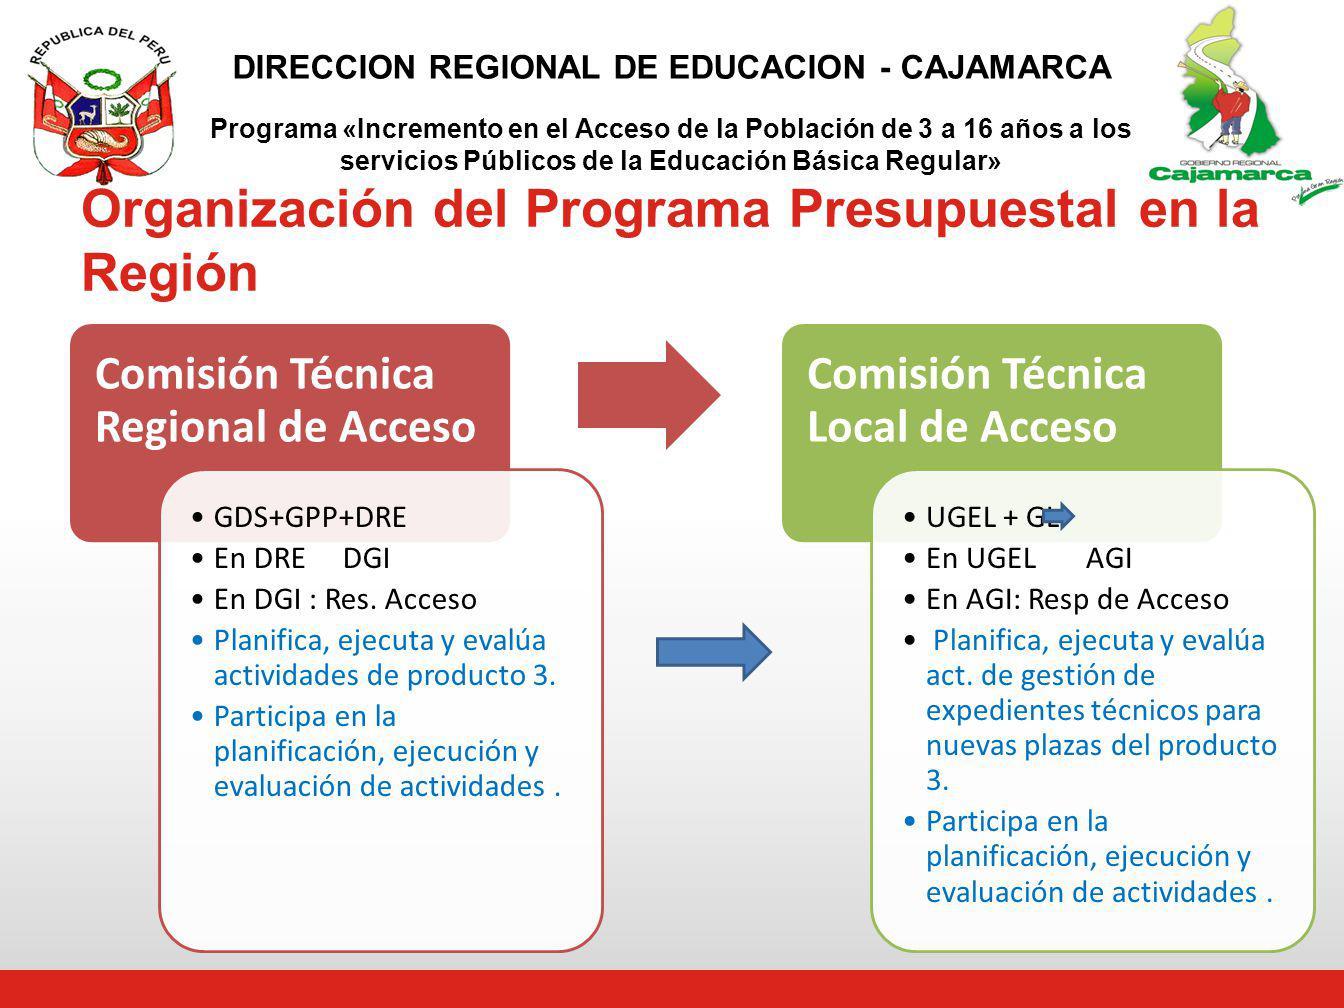 Organización del Programa Presupuestal en la Región